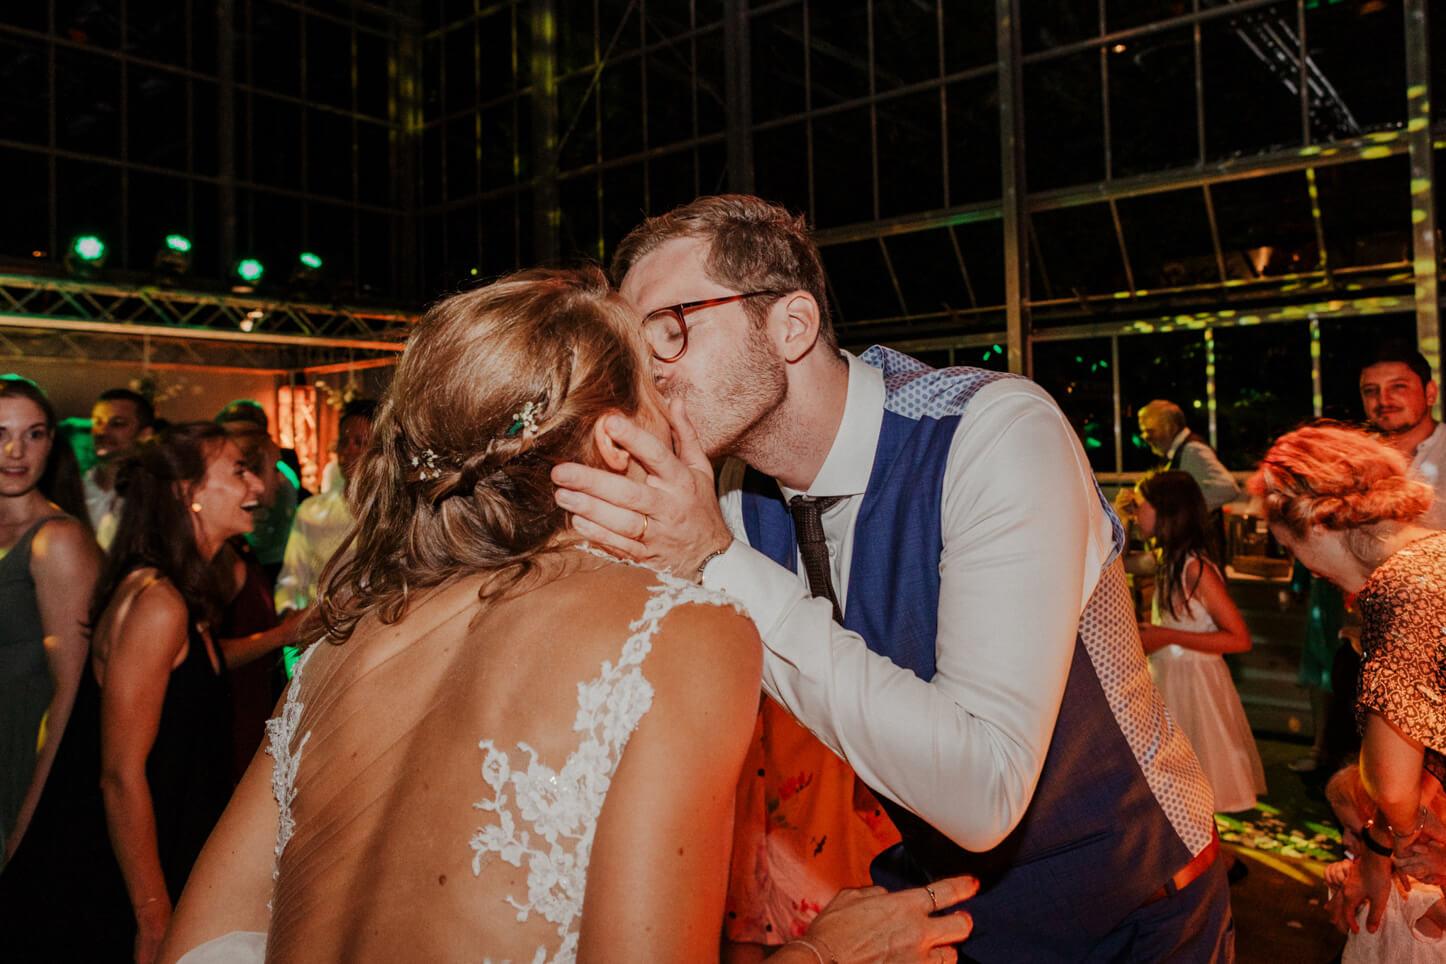 Brautpaar bei der Party auf der Tanzfläche